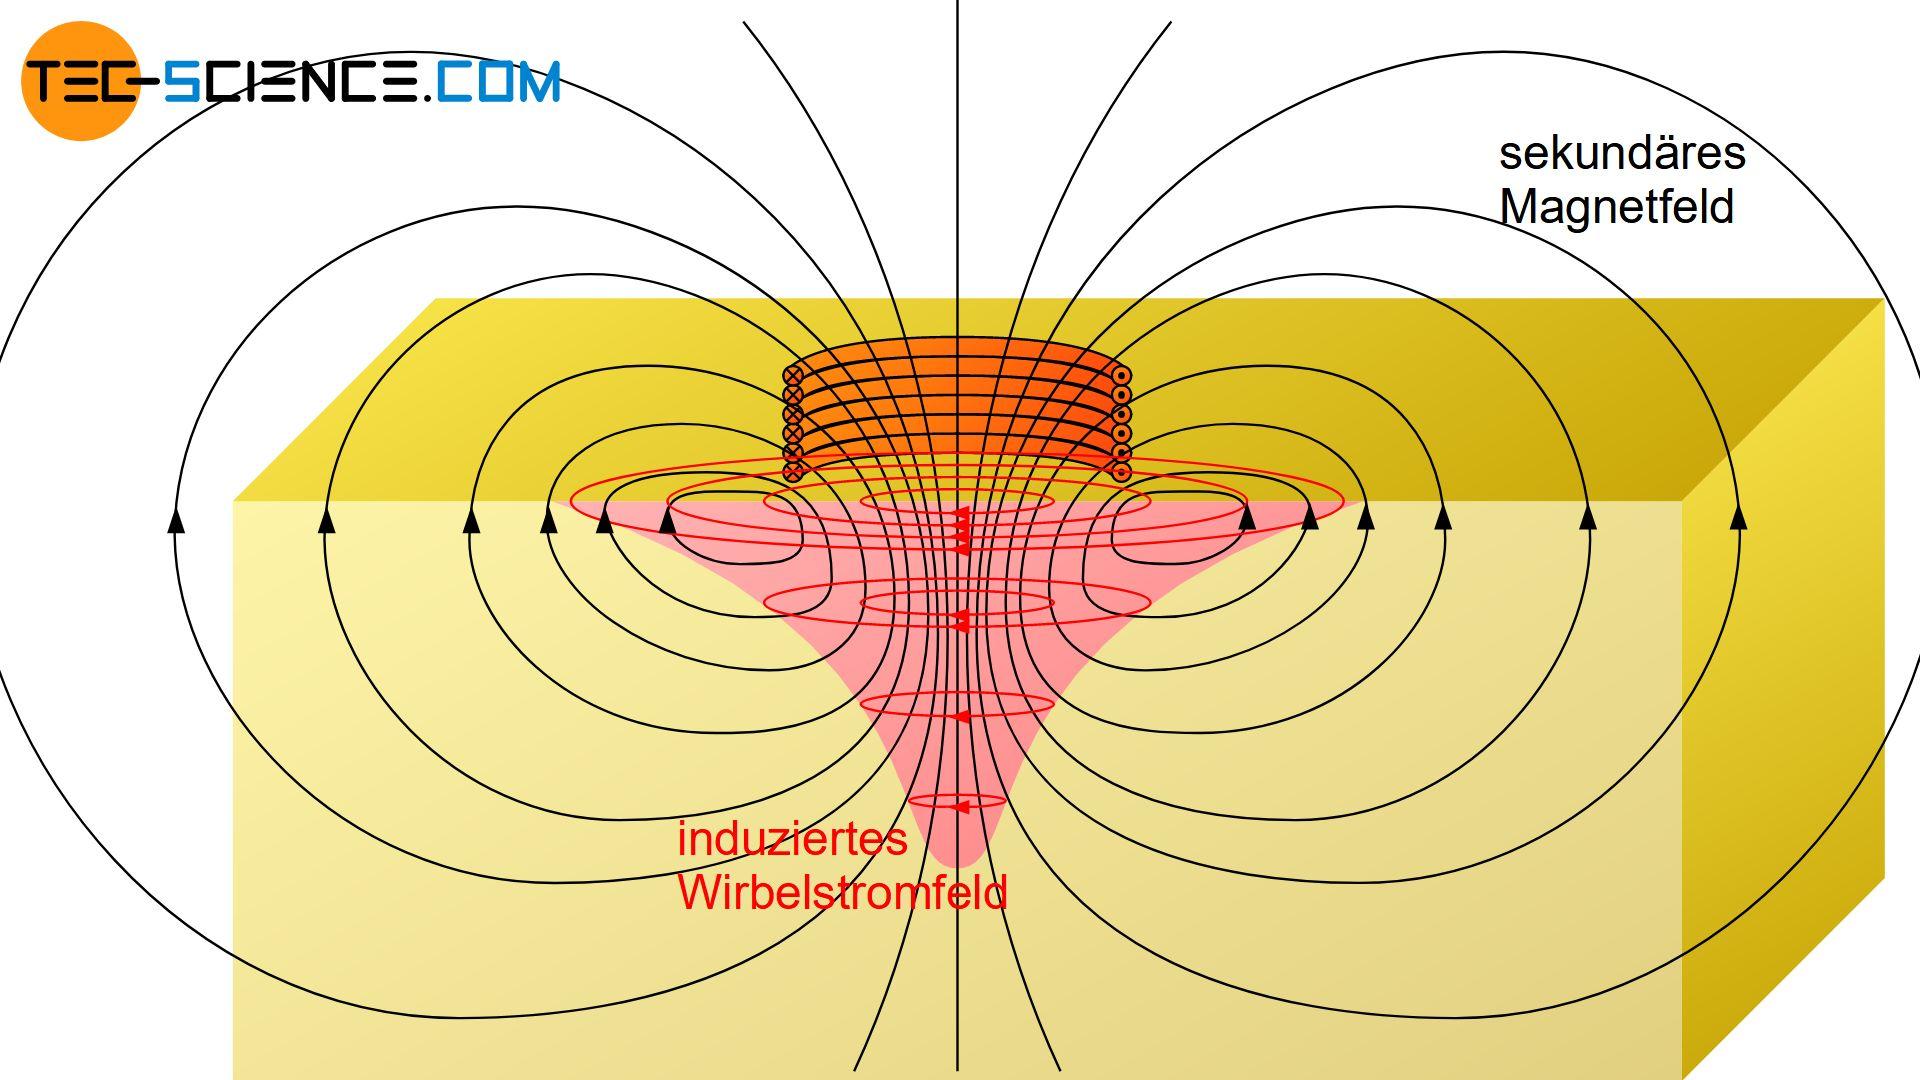 Durch Wirbelströme erzeugtes sekundäres Magnetfeld